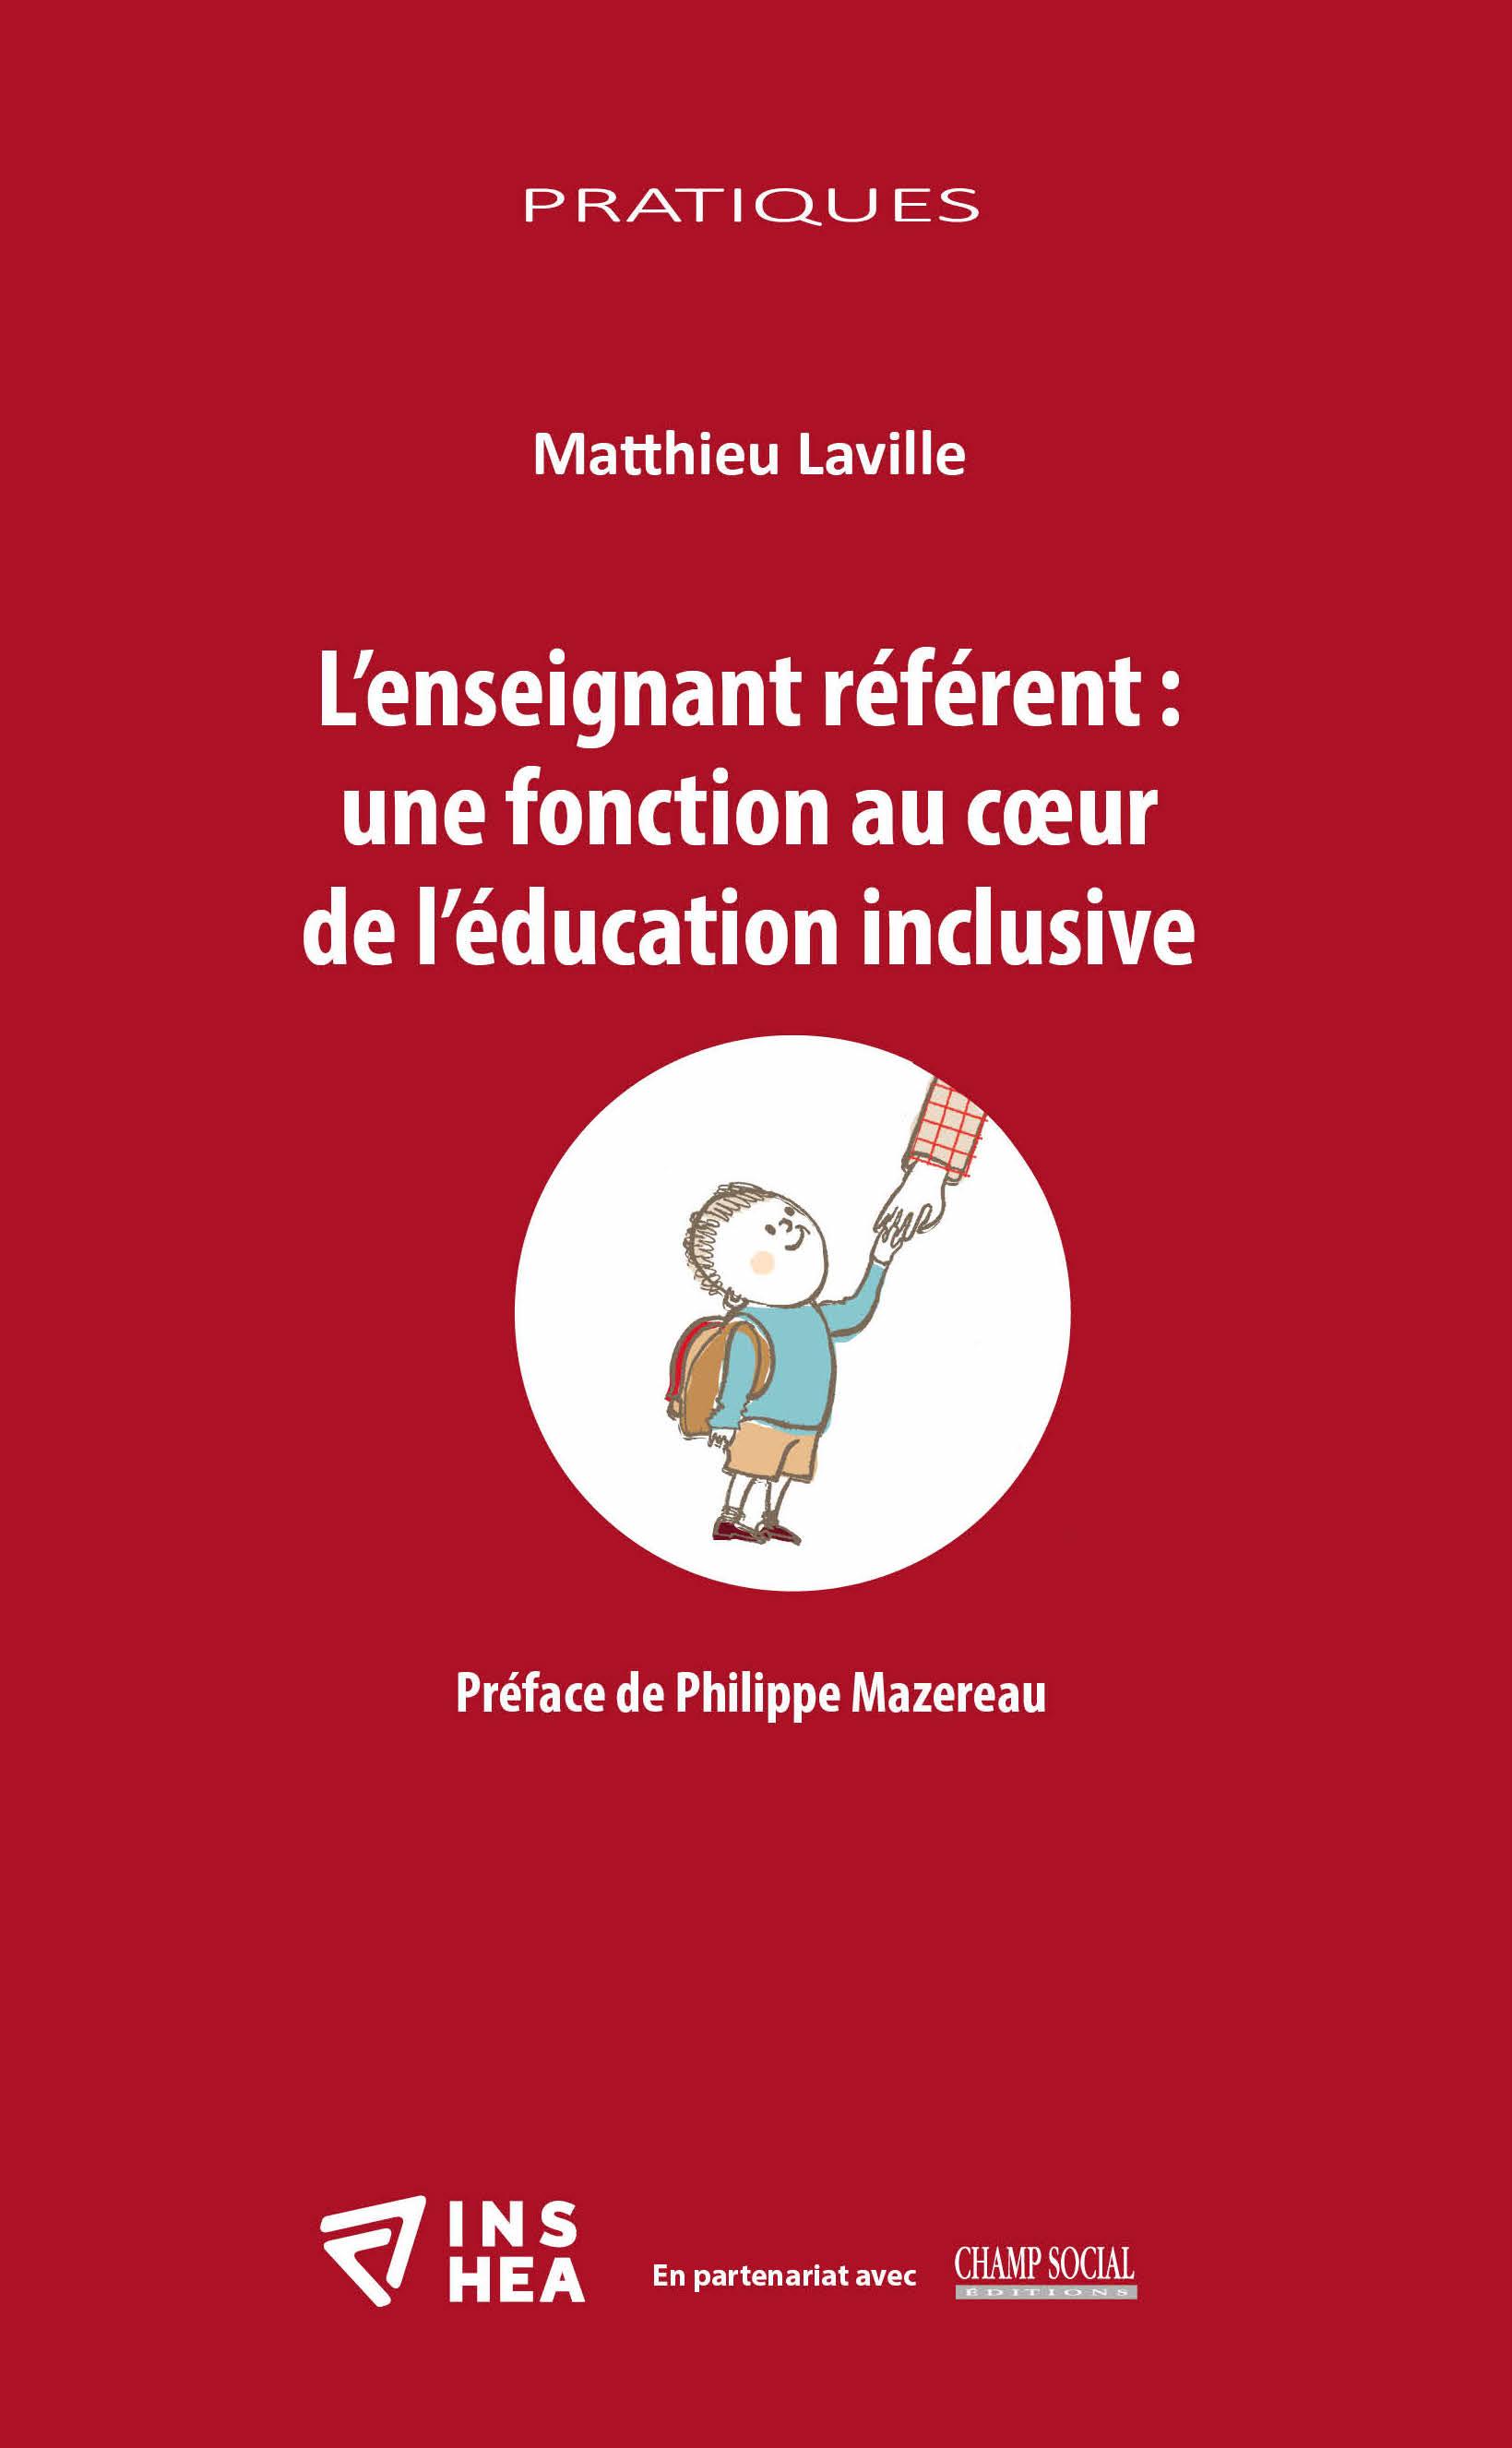 L'enseignant référent: une fonction au cœur de l'éducation inclusive